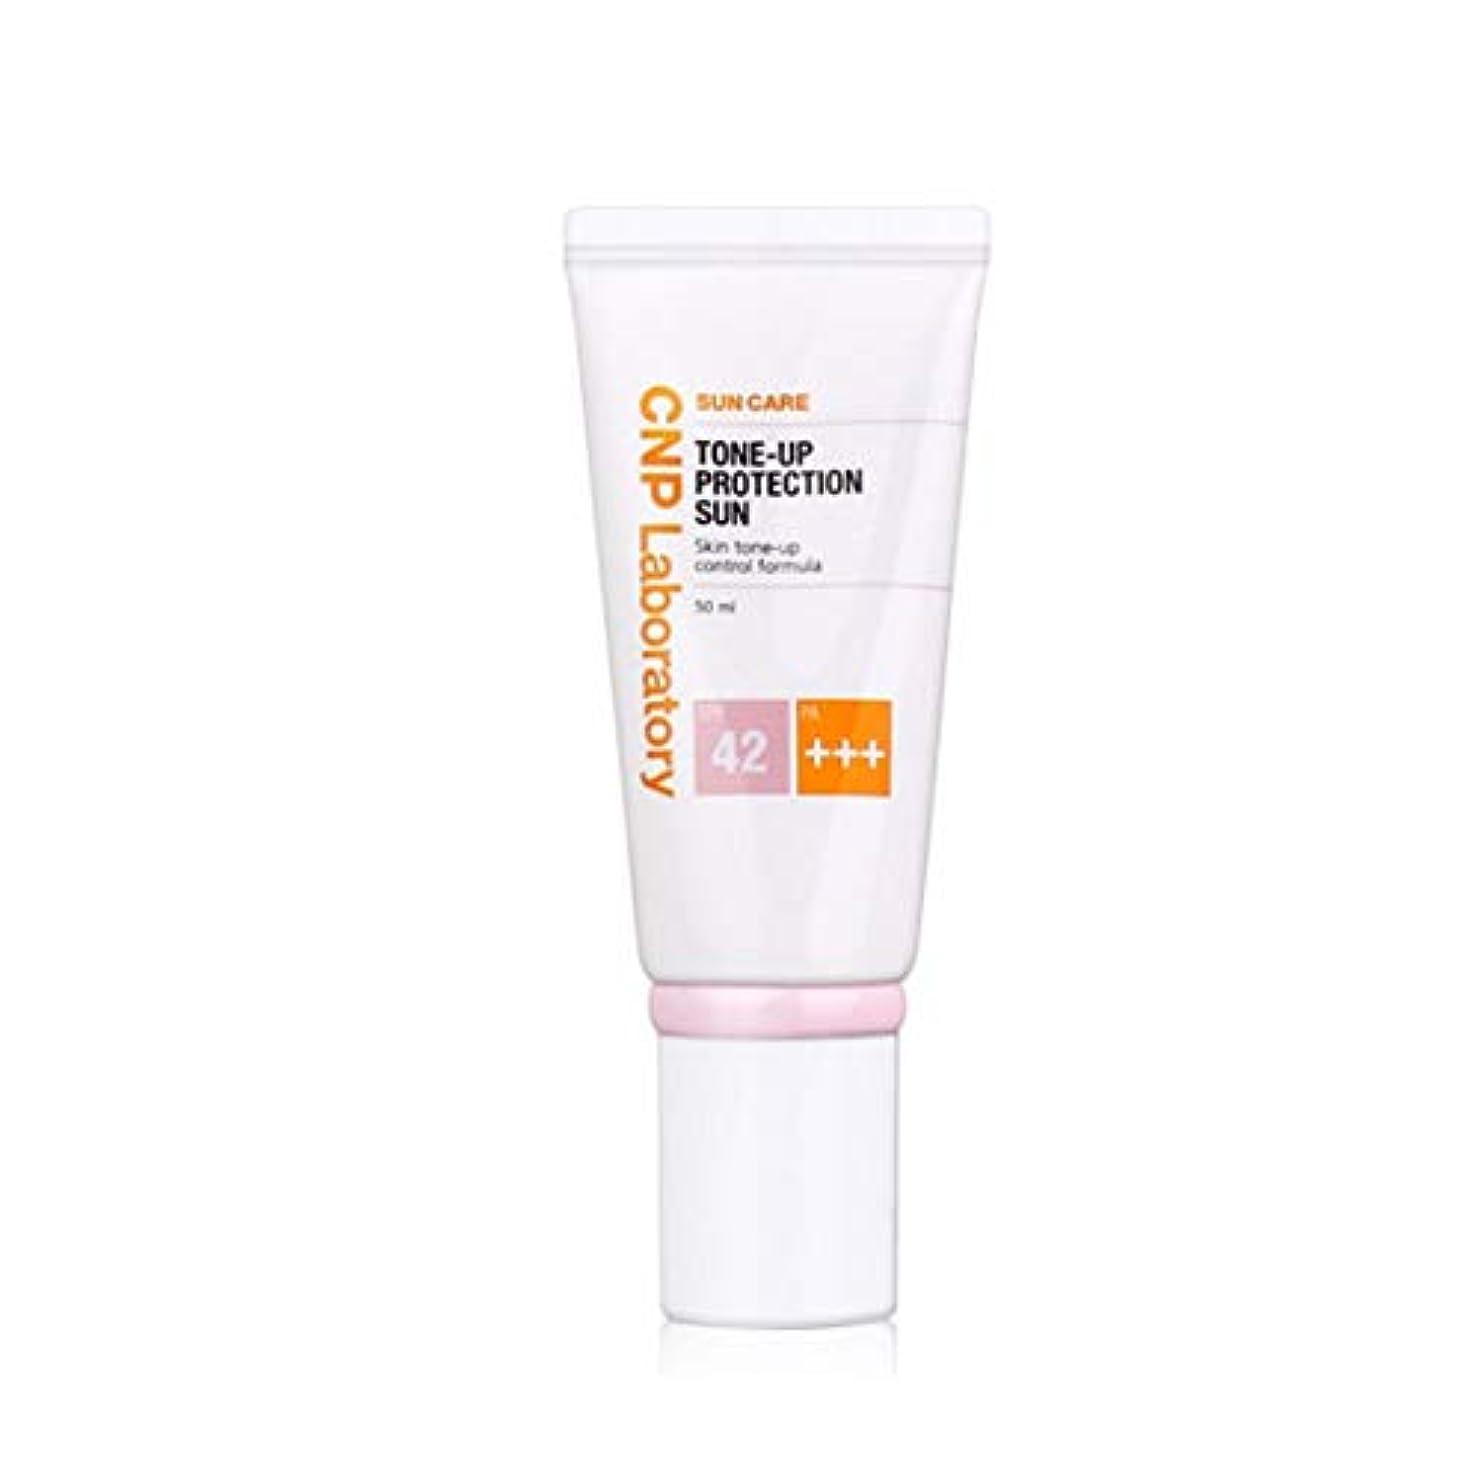 綺麗なチーズ雇ったCNPトンオププロテクションサン?クリーム紫外線遮断剤 (SPF42 / PA+++) 50ml、CNP Tone-up Protection Sun Cream (SPF42 / PA+++) 50ml [並行輸入品]